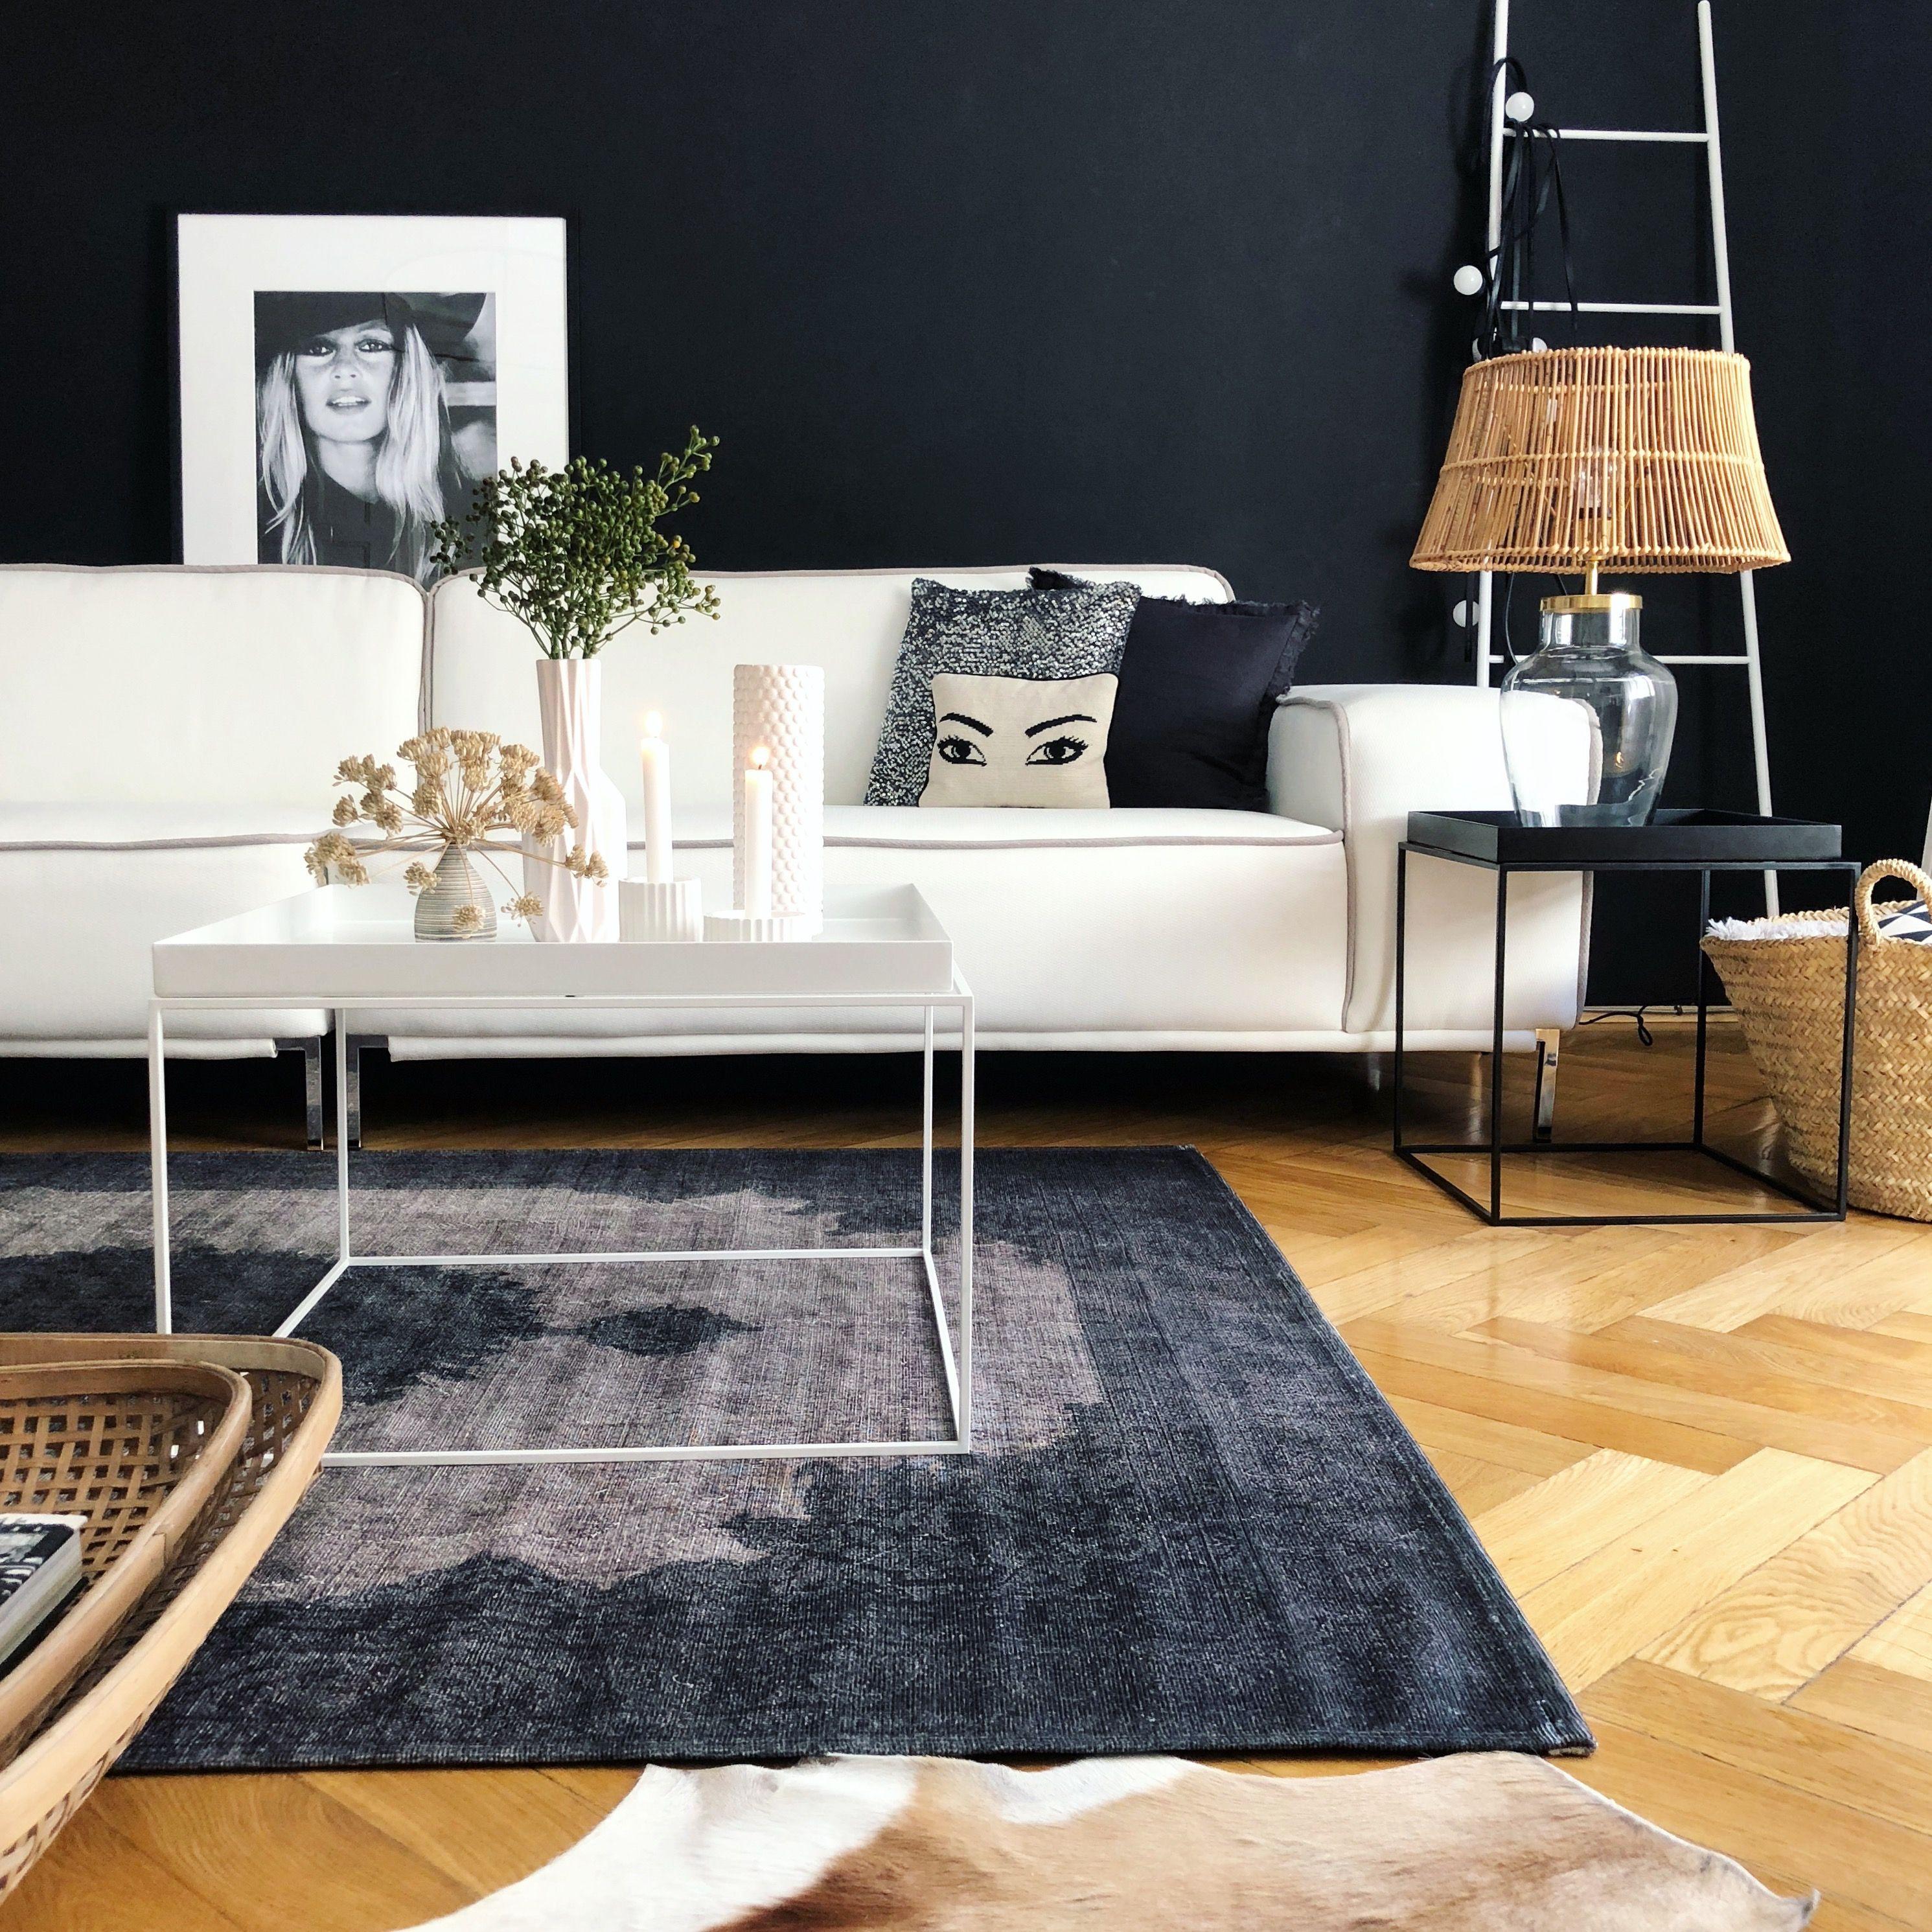 Mein Neues Blind Date Sofa Von Sofazeit Eu Werbung Gemütliches Haus Inneneinrichtung Haus Deko